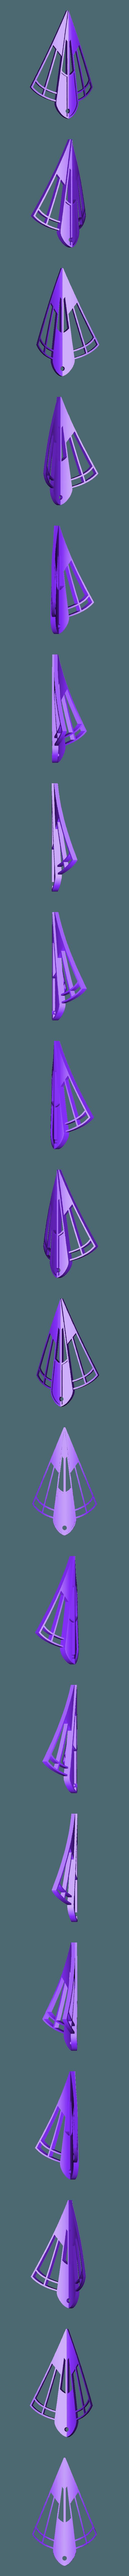 pendiente 2 Décoeur nº1-2.stl Download free STL file bijoux decoeur nº1 • 3D printable model, ArtViche